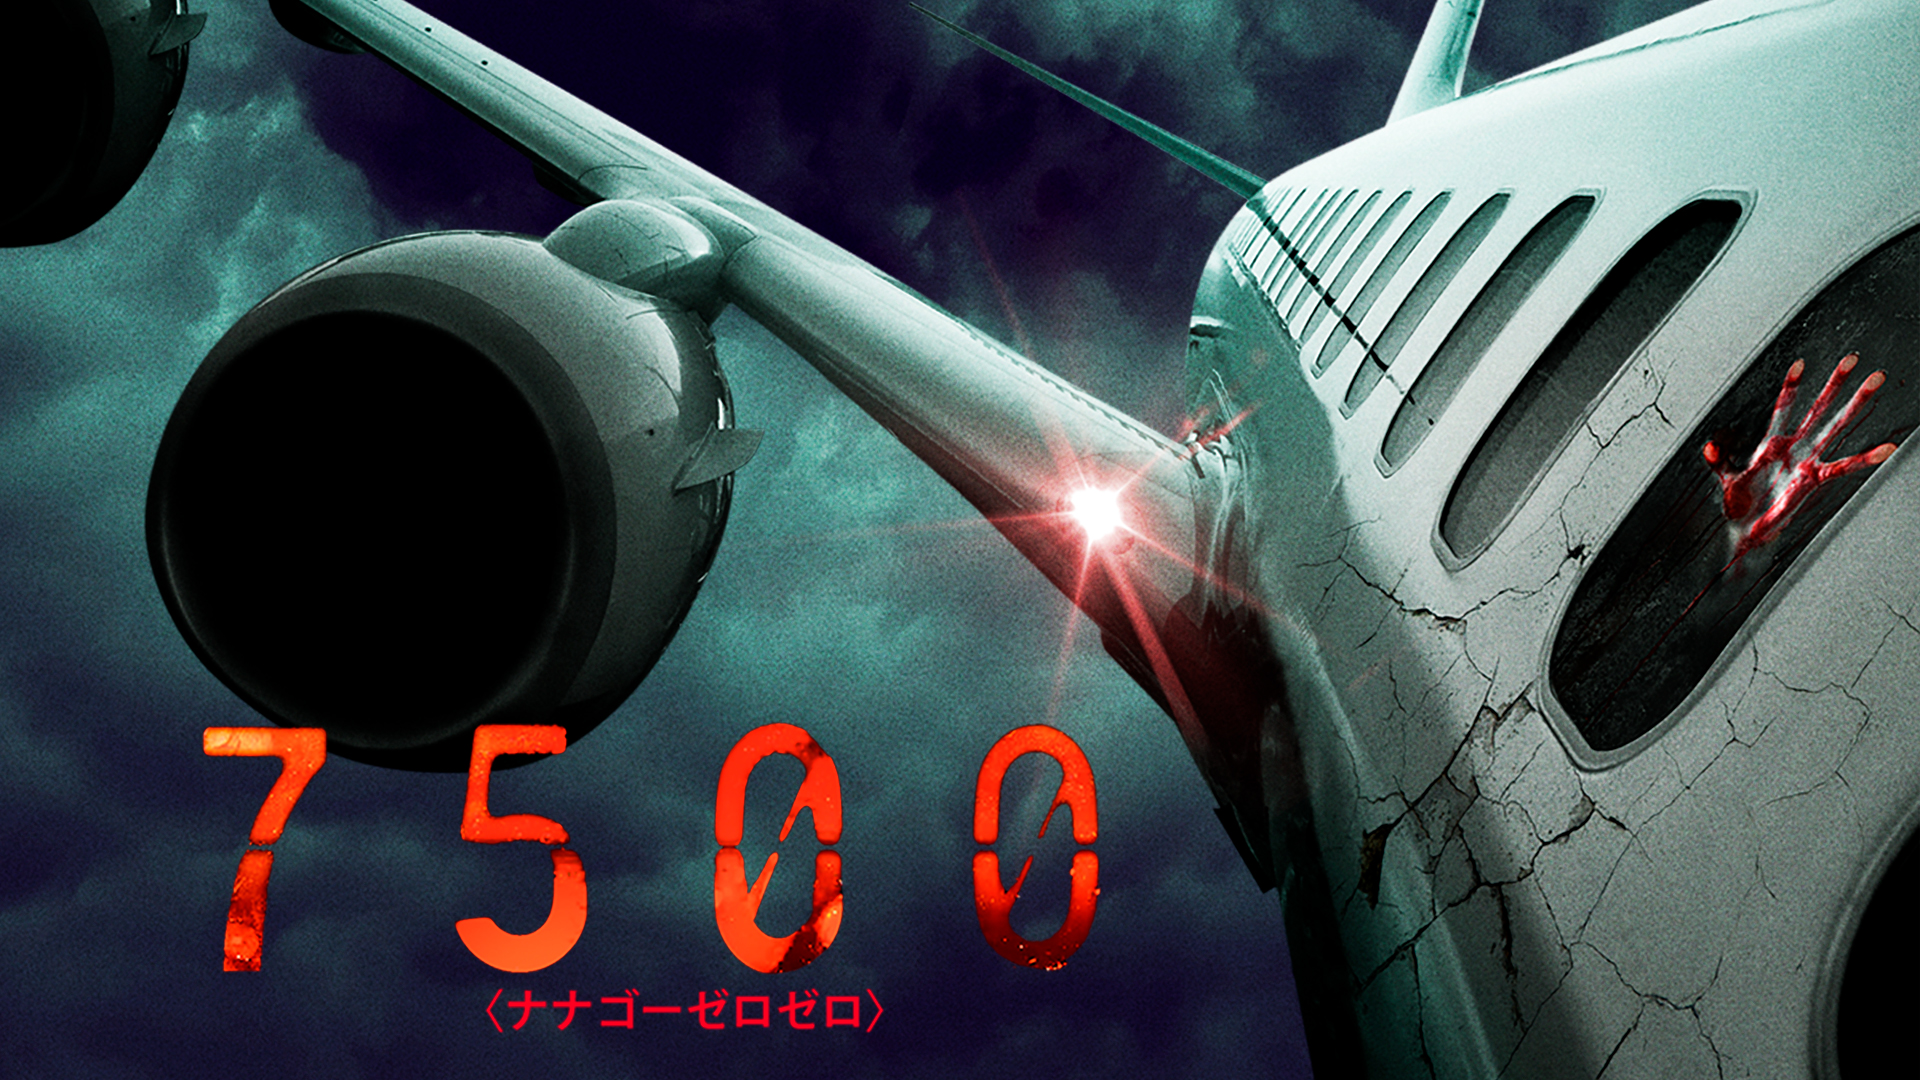 7500(字幕版)